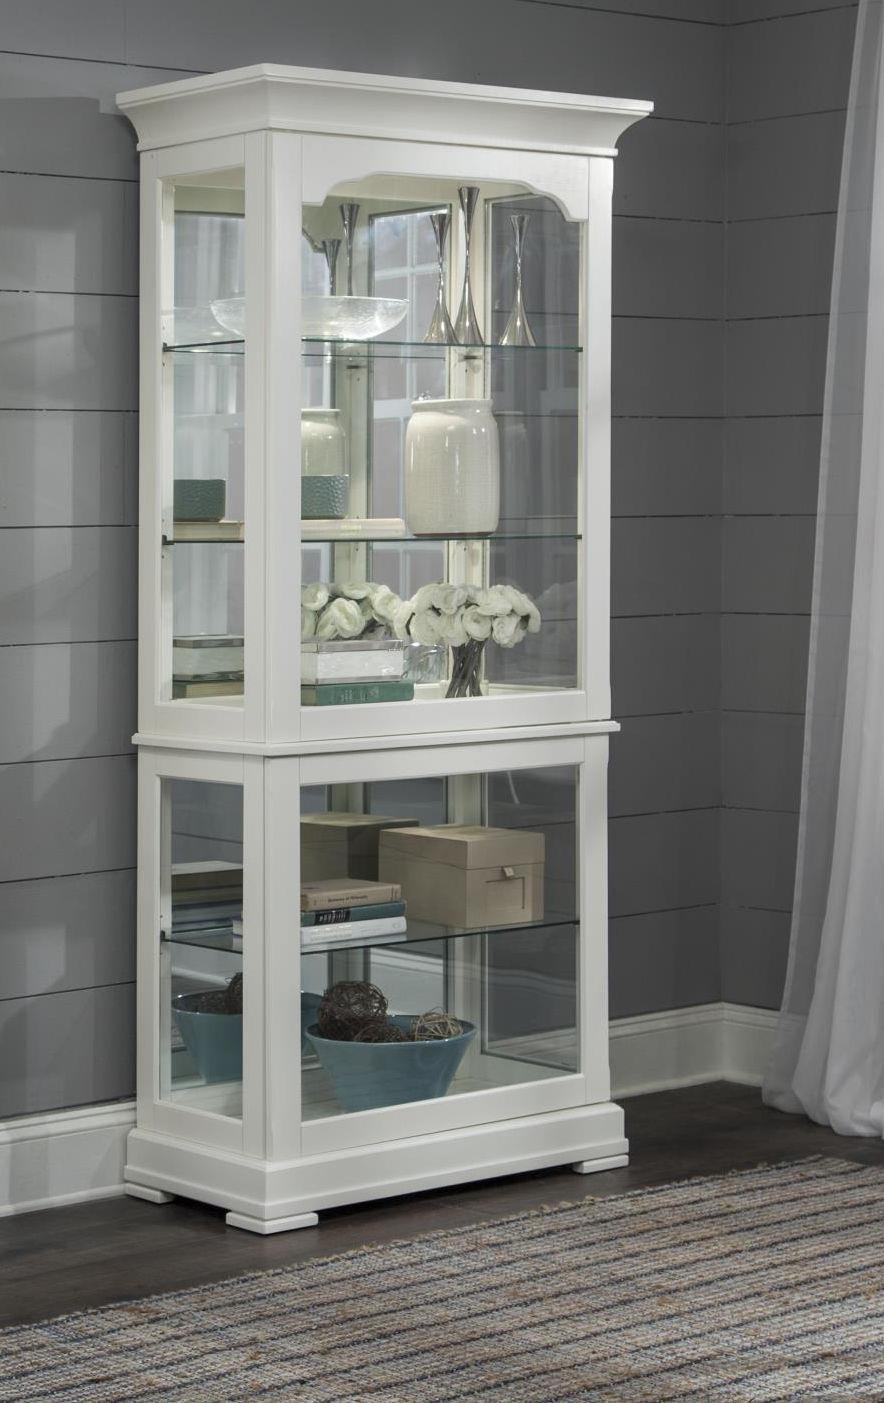 CURIOS Large White Curio Cabinet